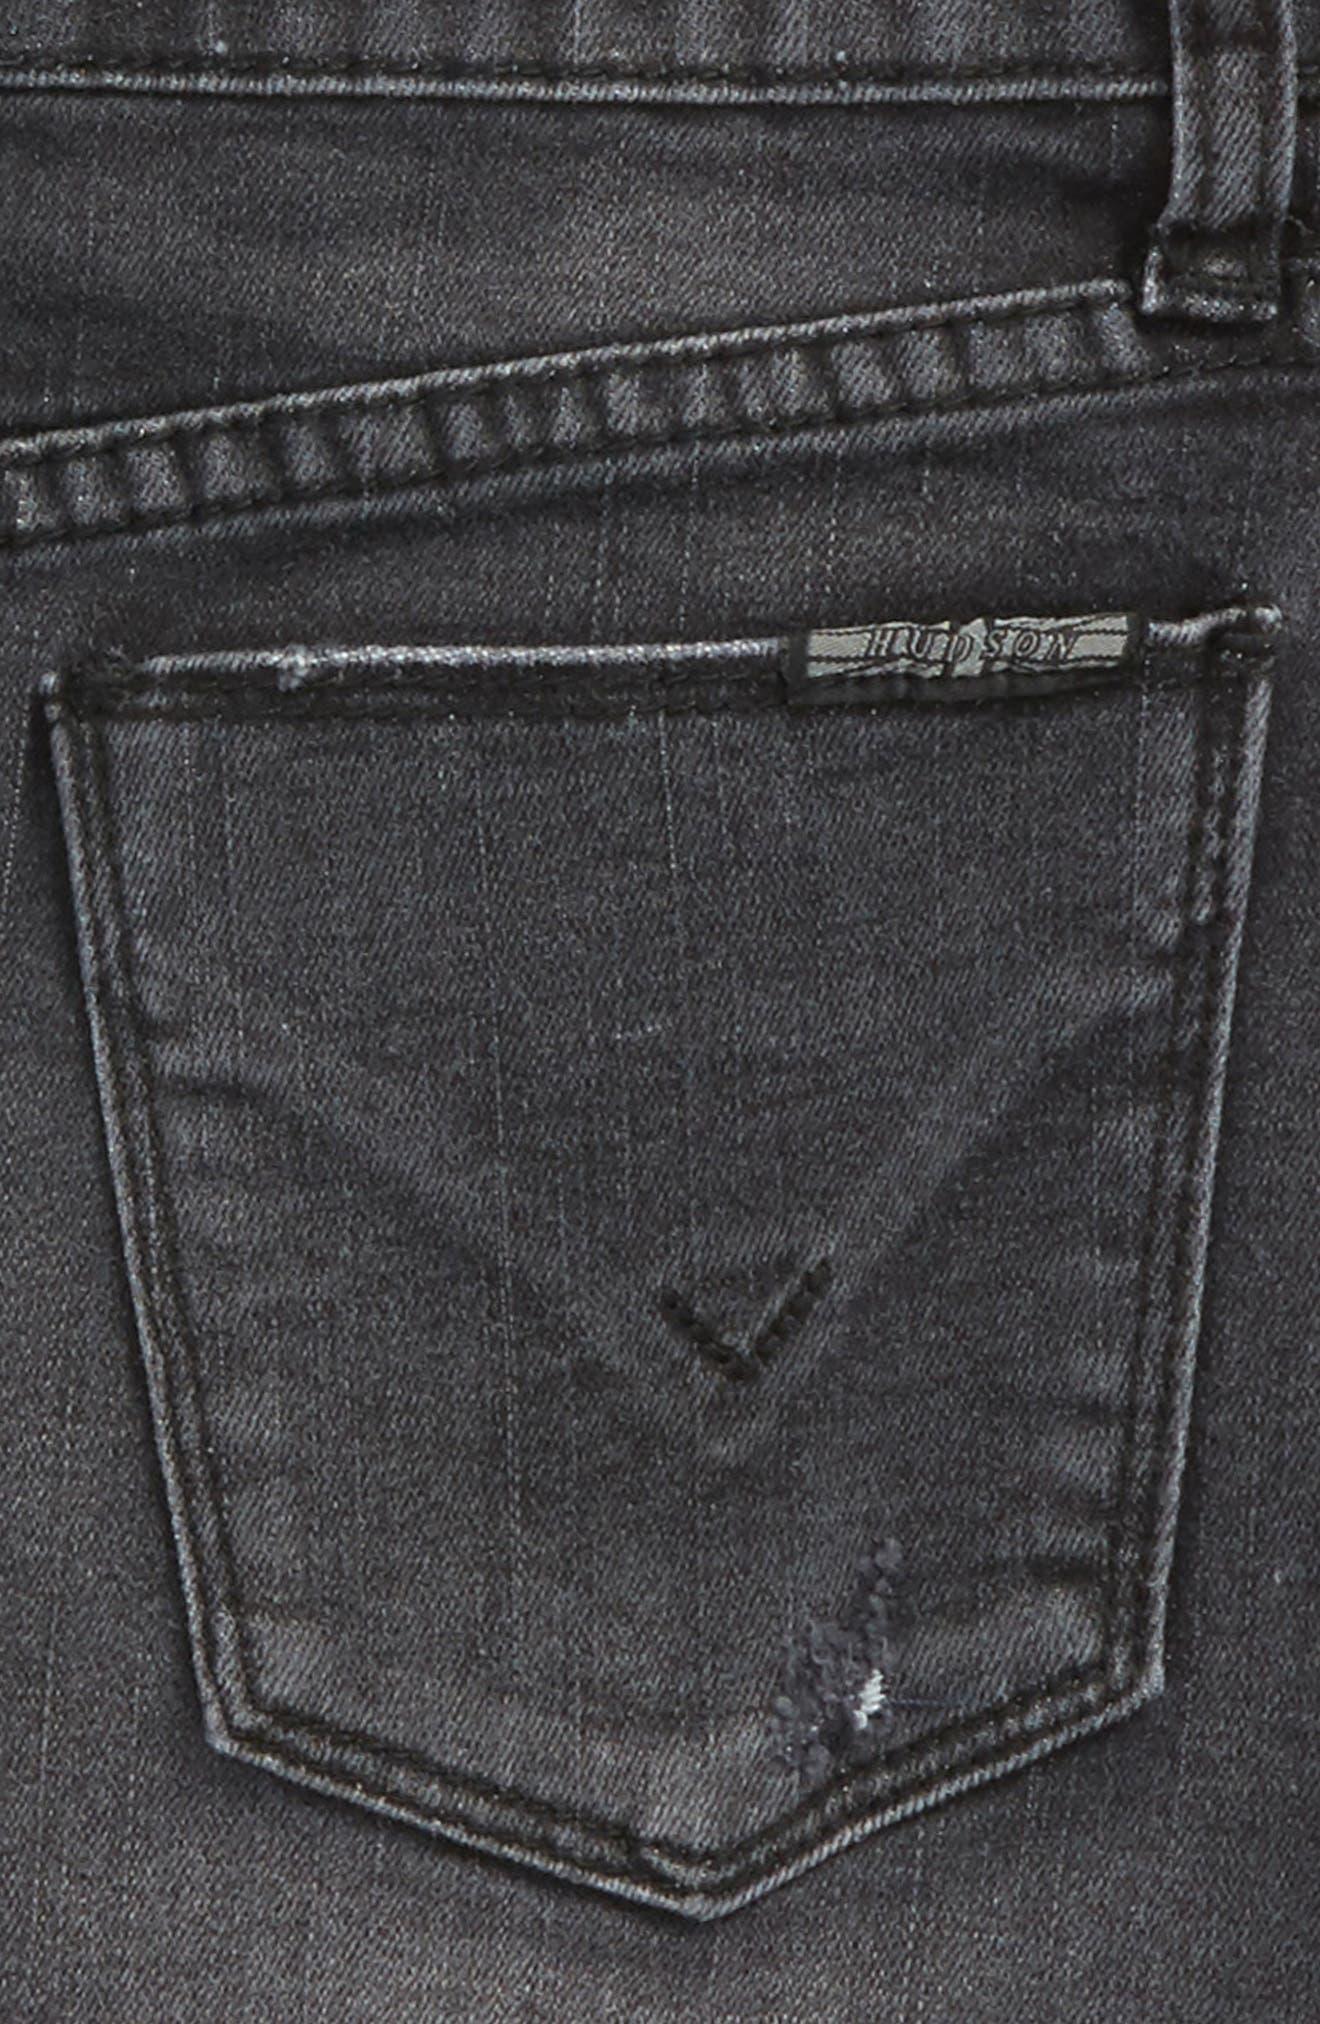 Tara Cutoff Denim Skirt,                             Alternate thumbnail 3, color,                             Black Wash